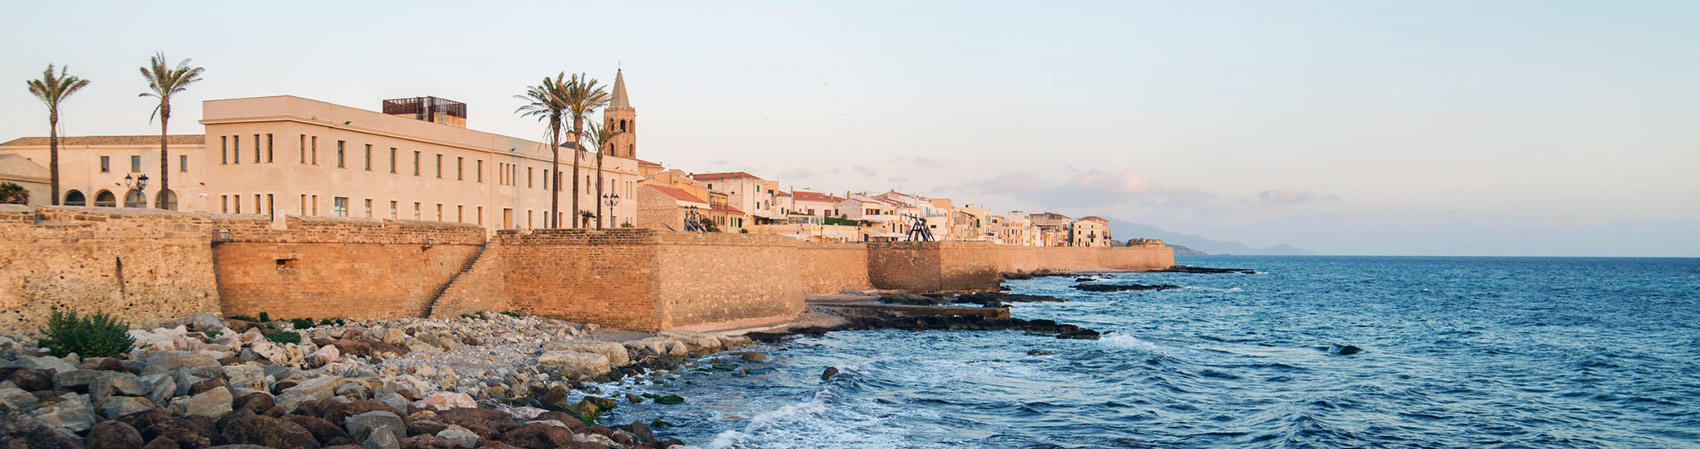 Panorama di Alghero Sardegna